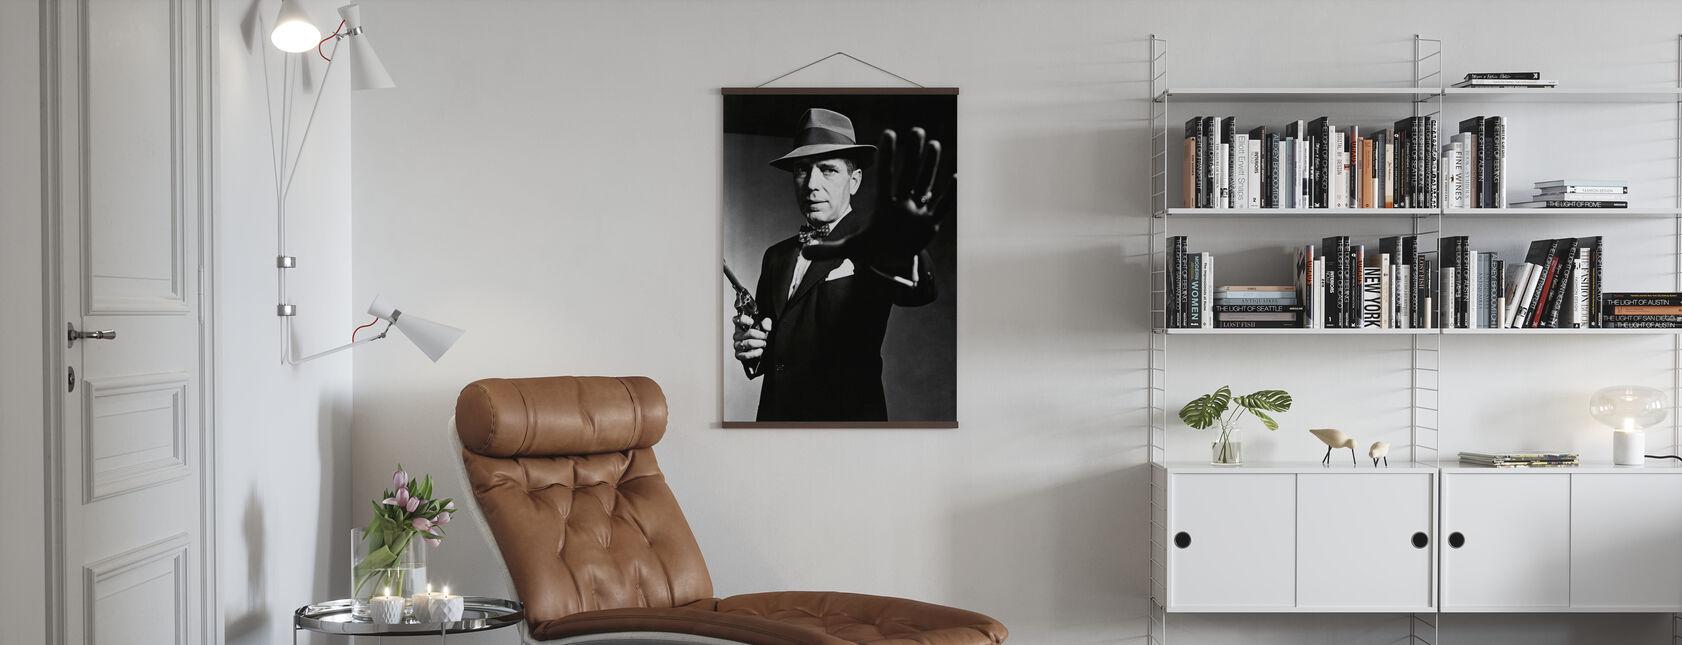 Enforcer - Humphrey Bogart - Poster - Living Room